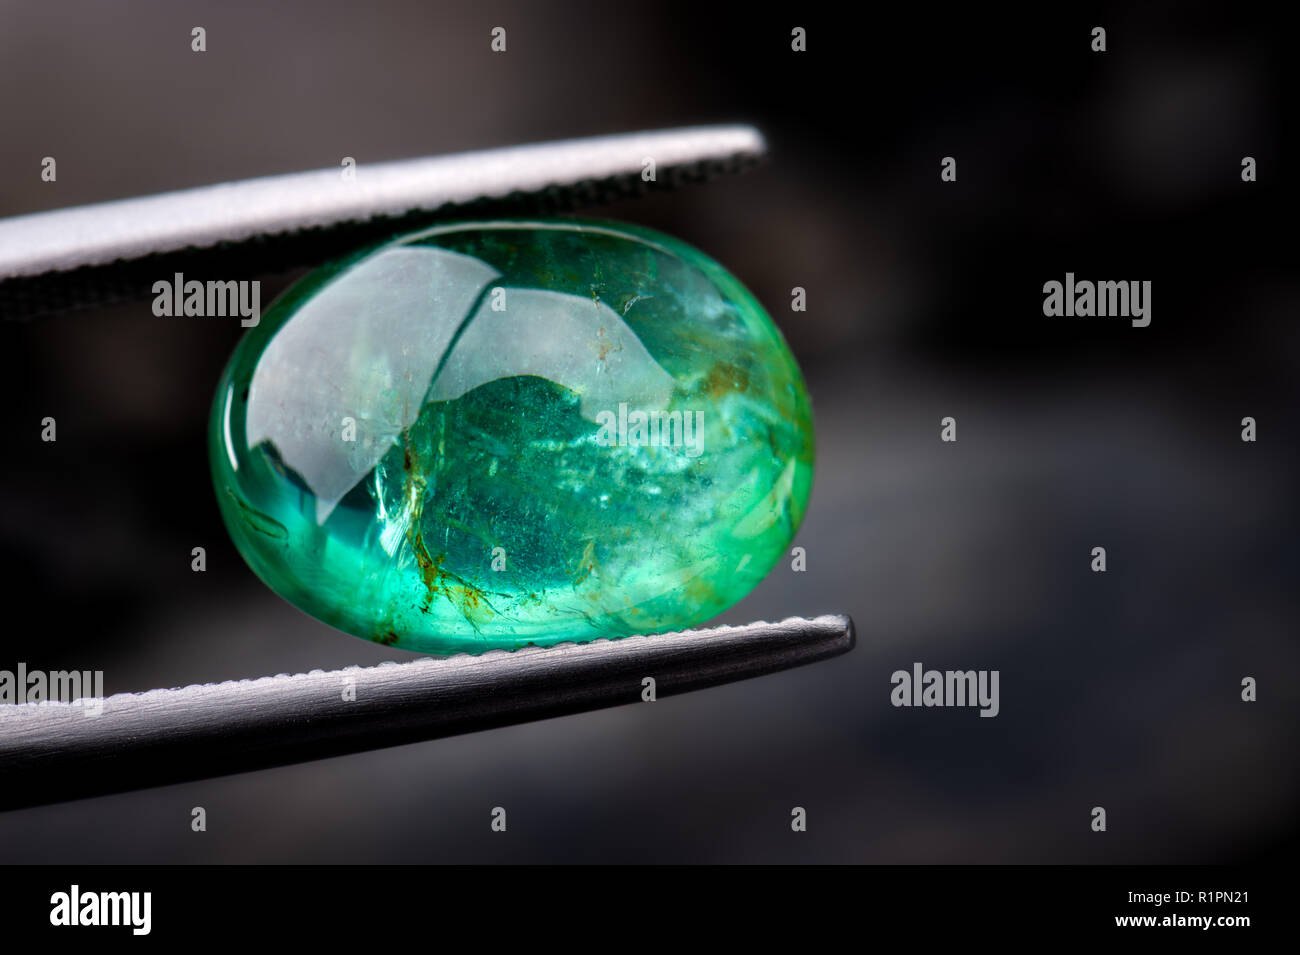 Lo smeraldo pietre preziose gioielli foto con illuminazione scuro